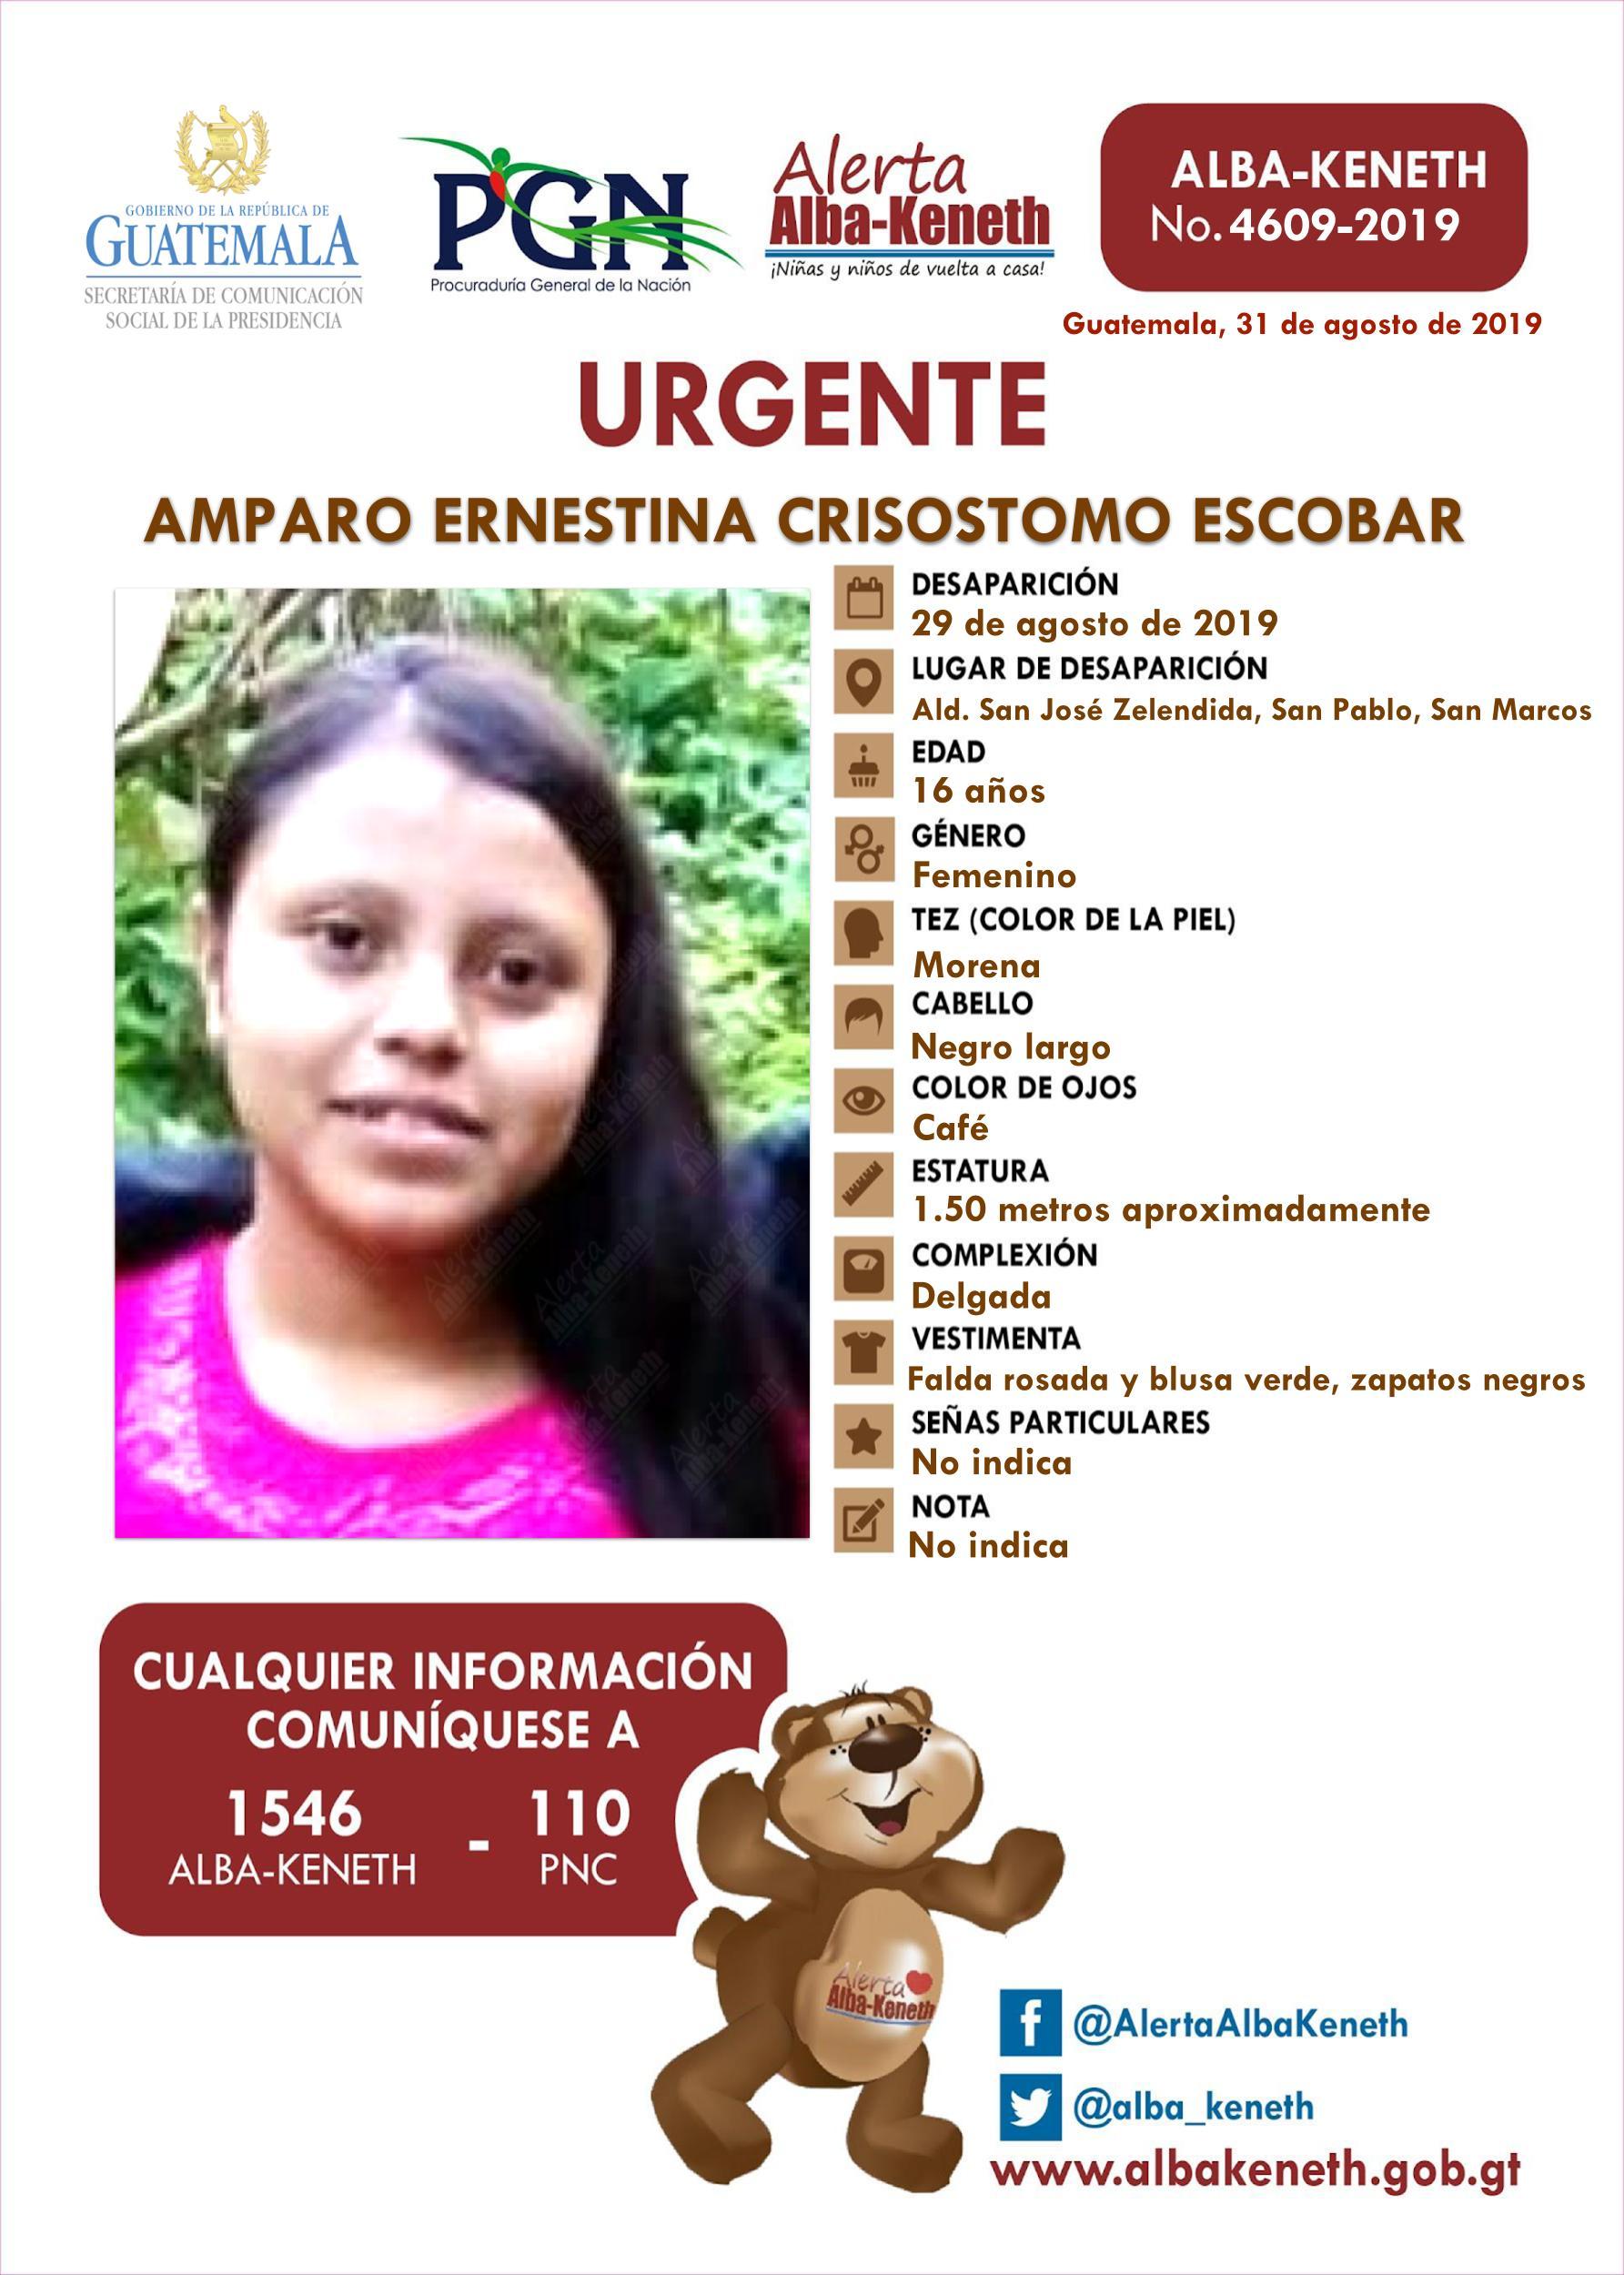 Amparo Ernestina Crisostomo Escobar